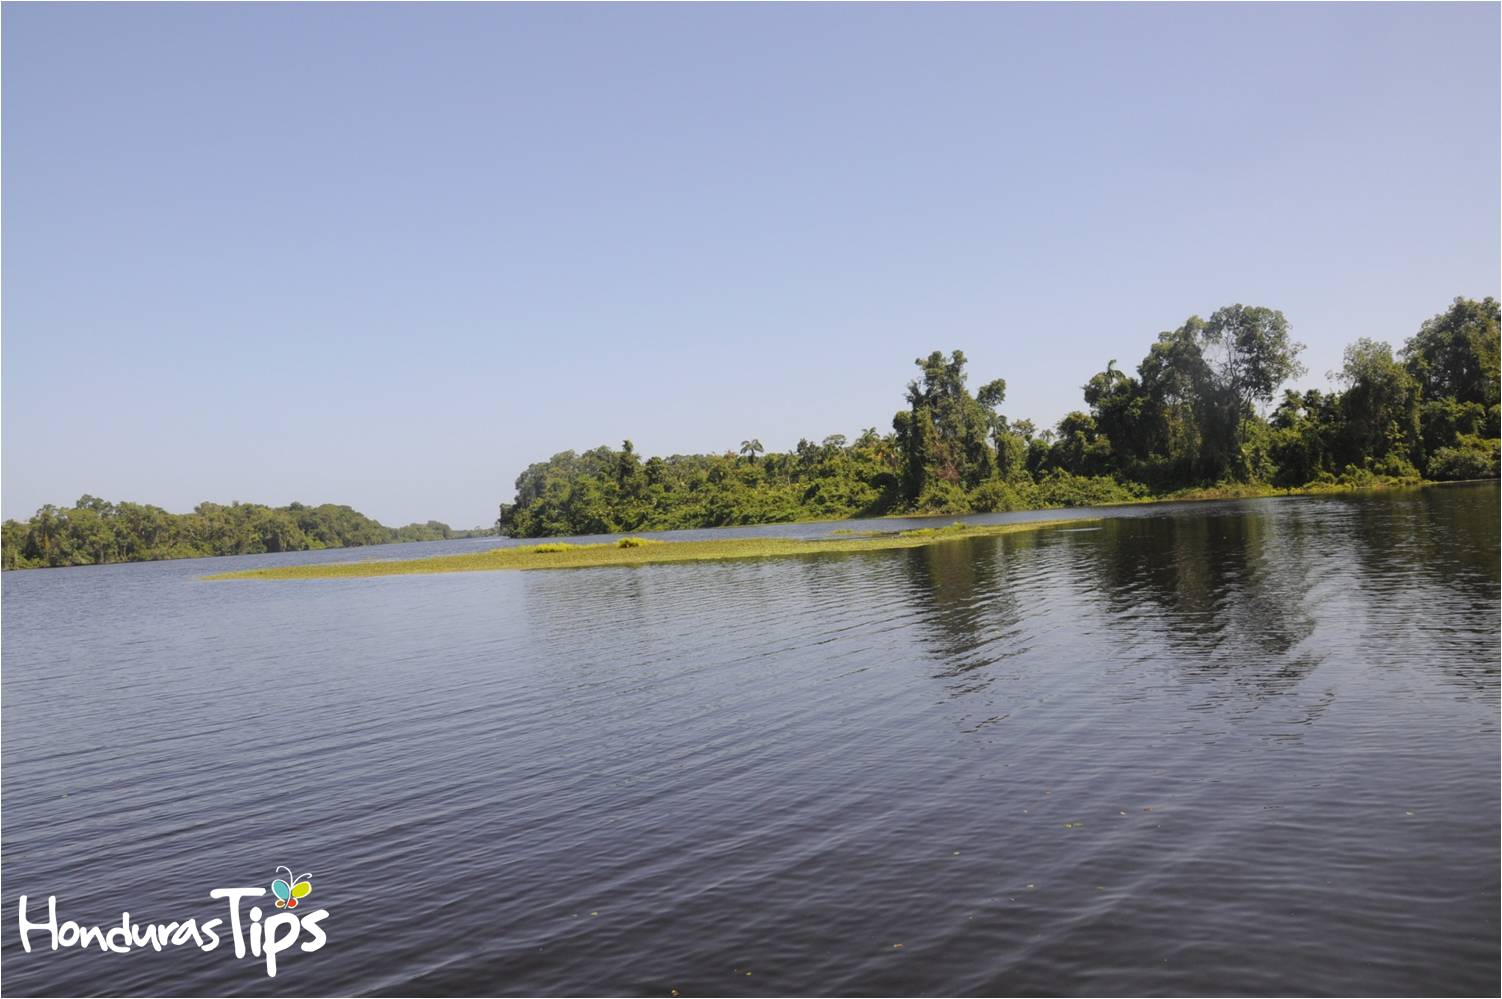 El Refugio de Vida Silvestre Cuero y Salado se divide en dos senderos para recorrer en lancha o canoa: Sendero El Espejo y sendero Boca Cerrada.